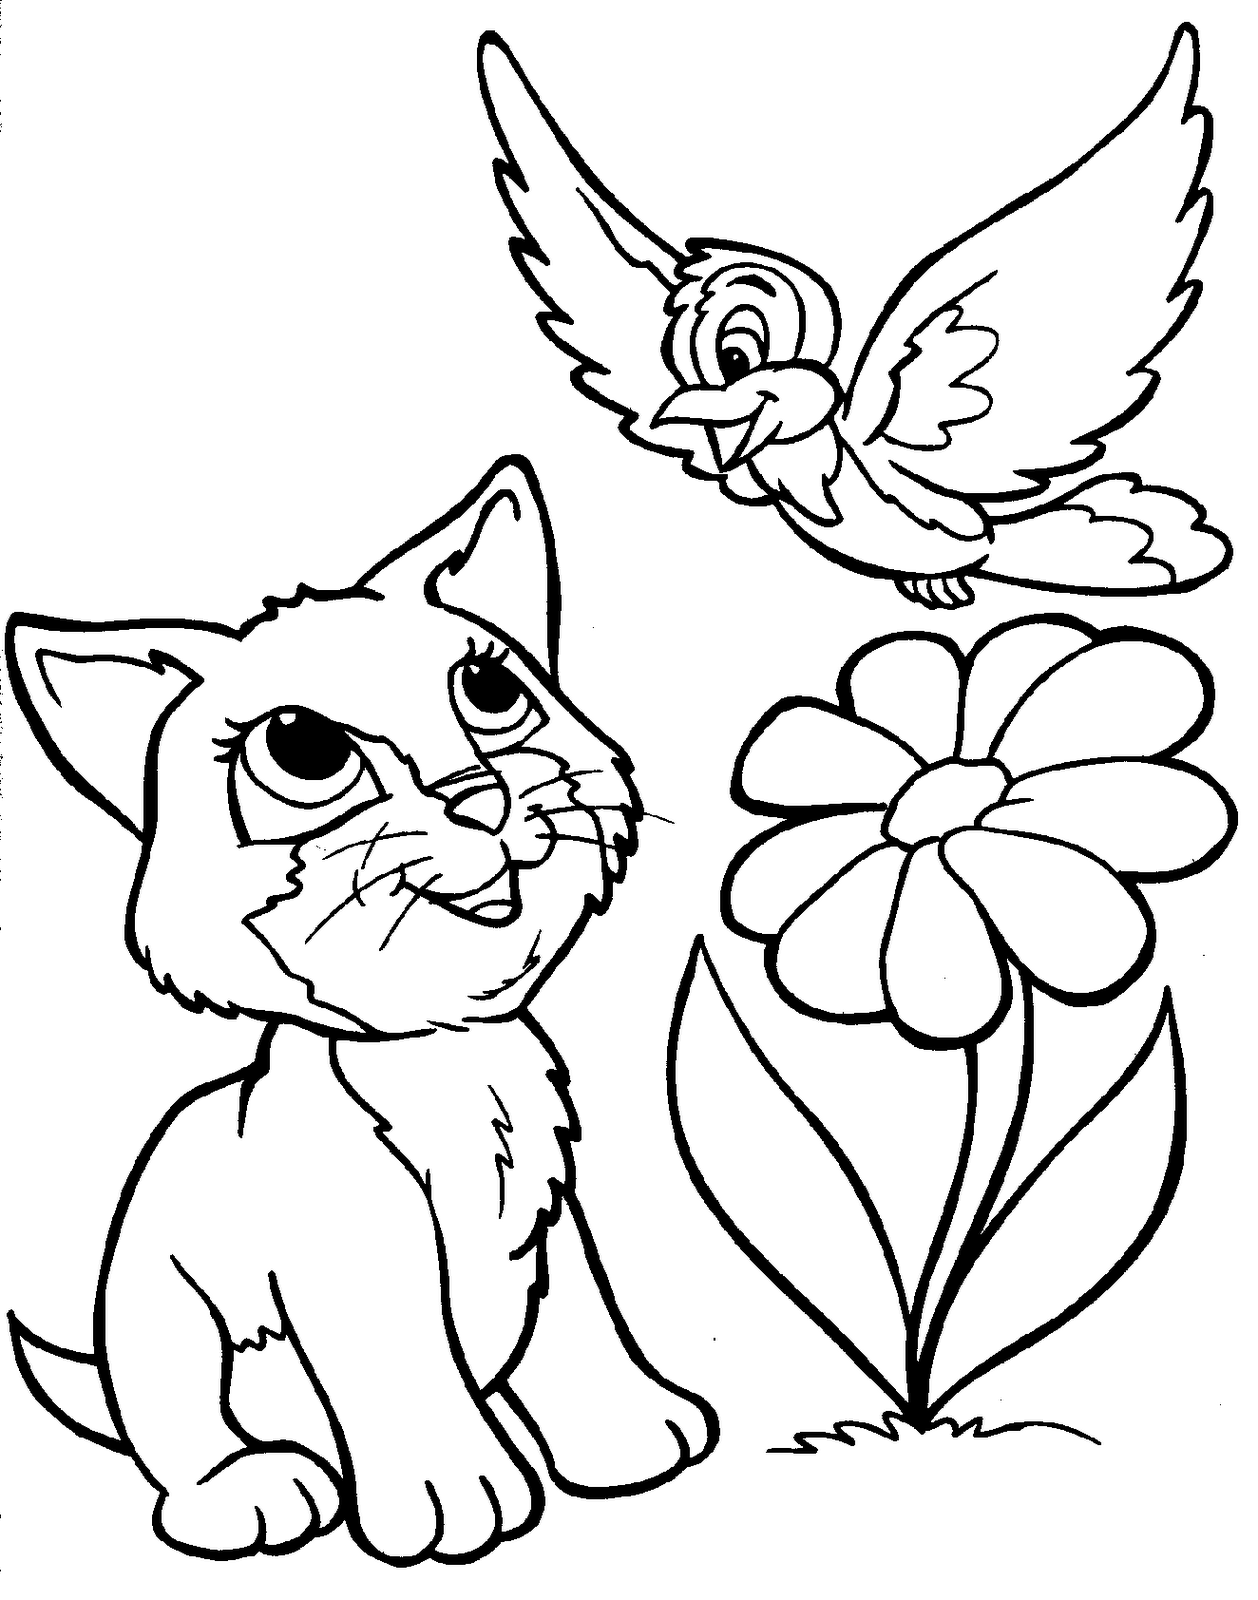 Disegno Uccellino Da Colorare